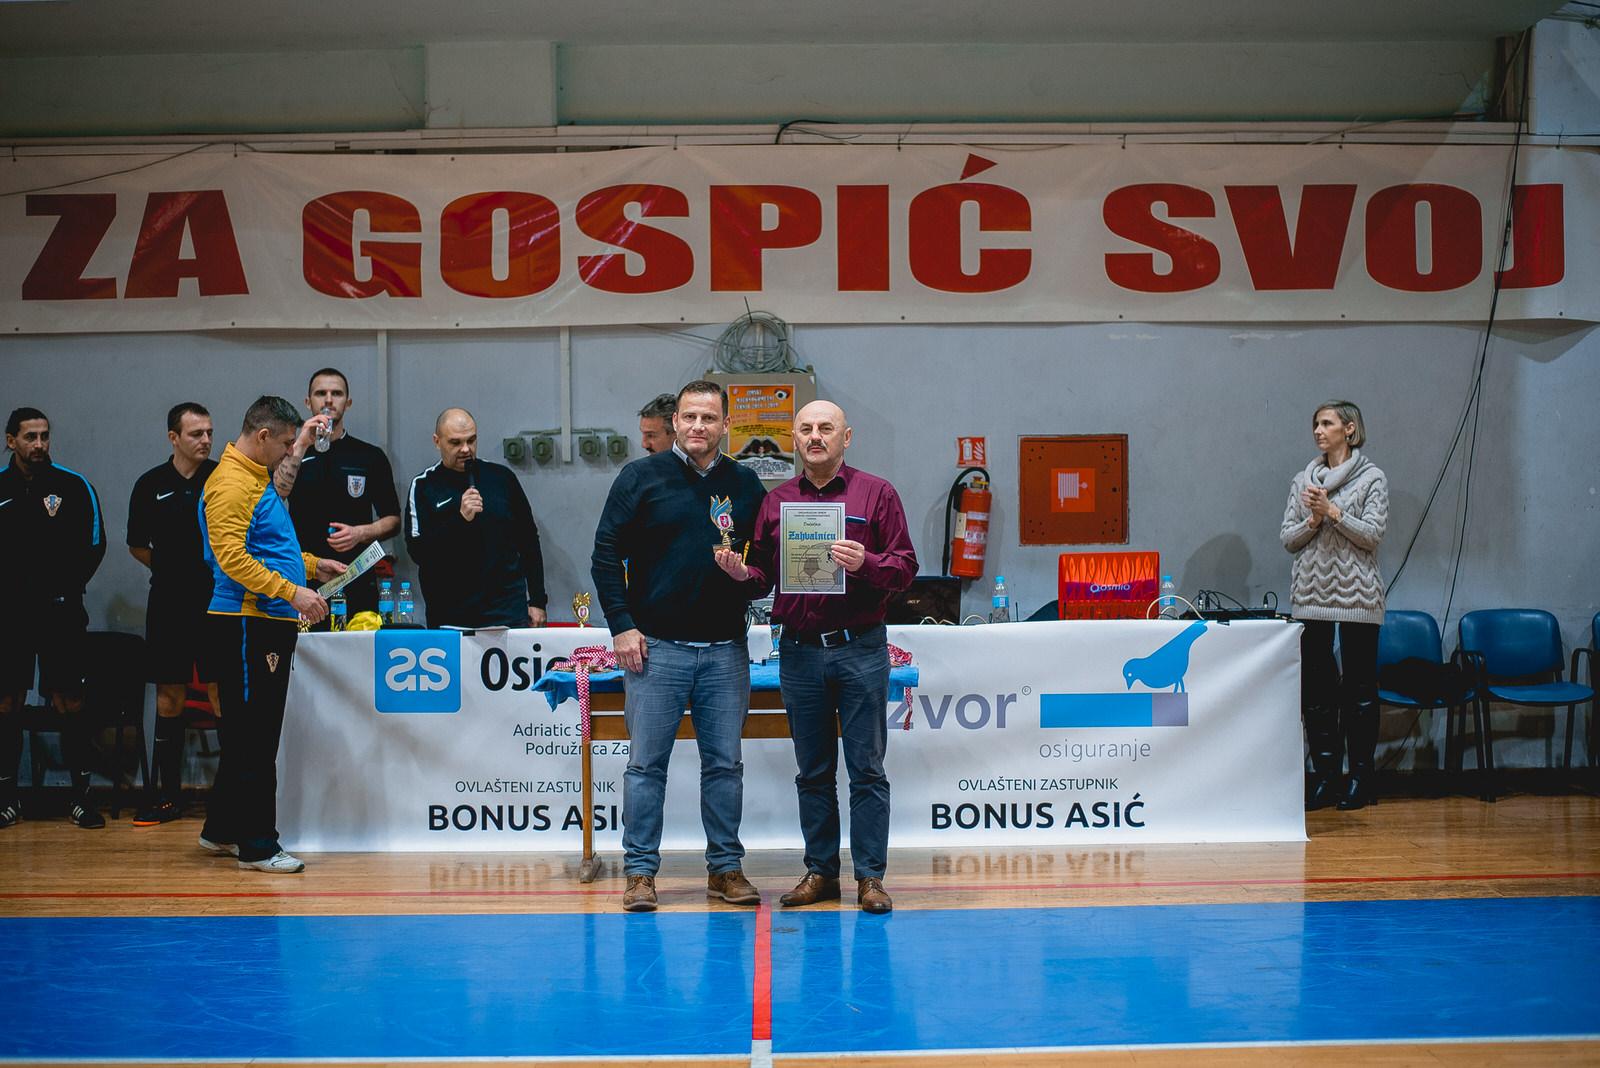 likaclub_gospić_zimski-malonogometni-turnir-2018-19-91